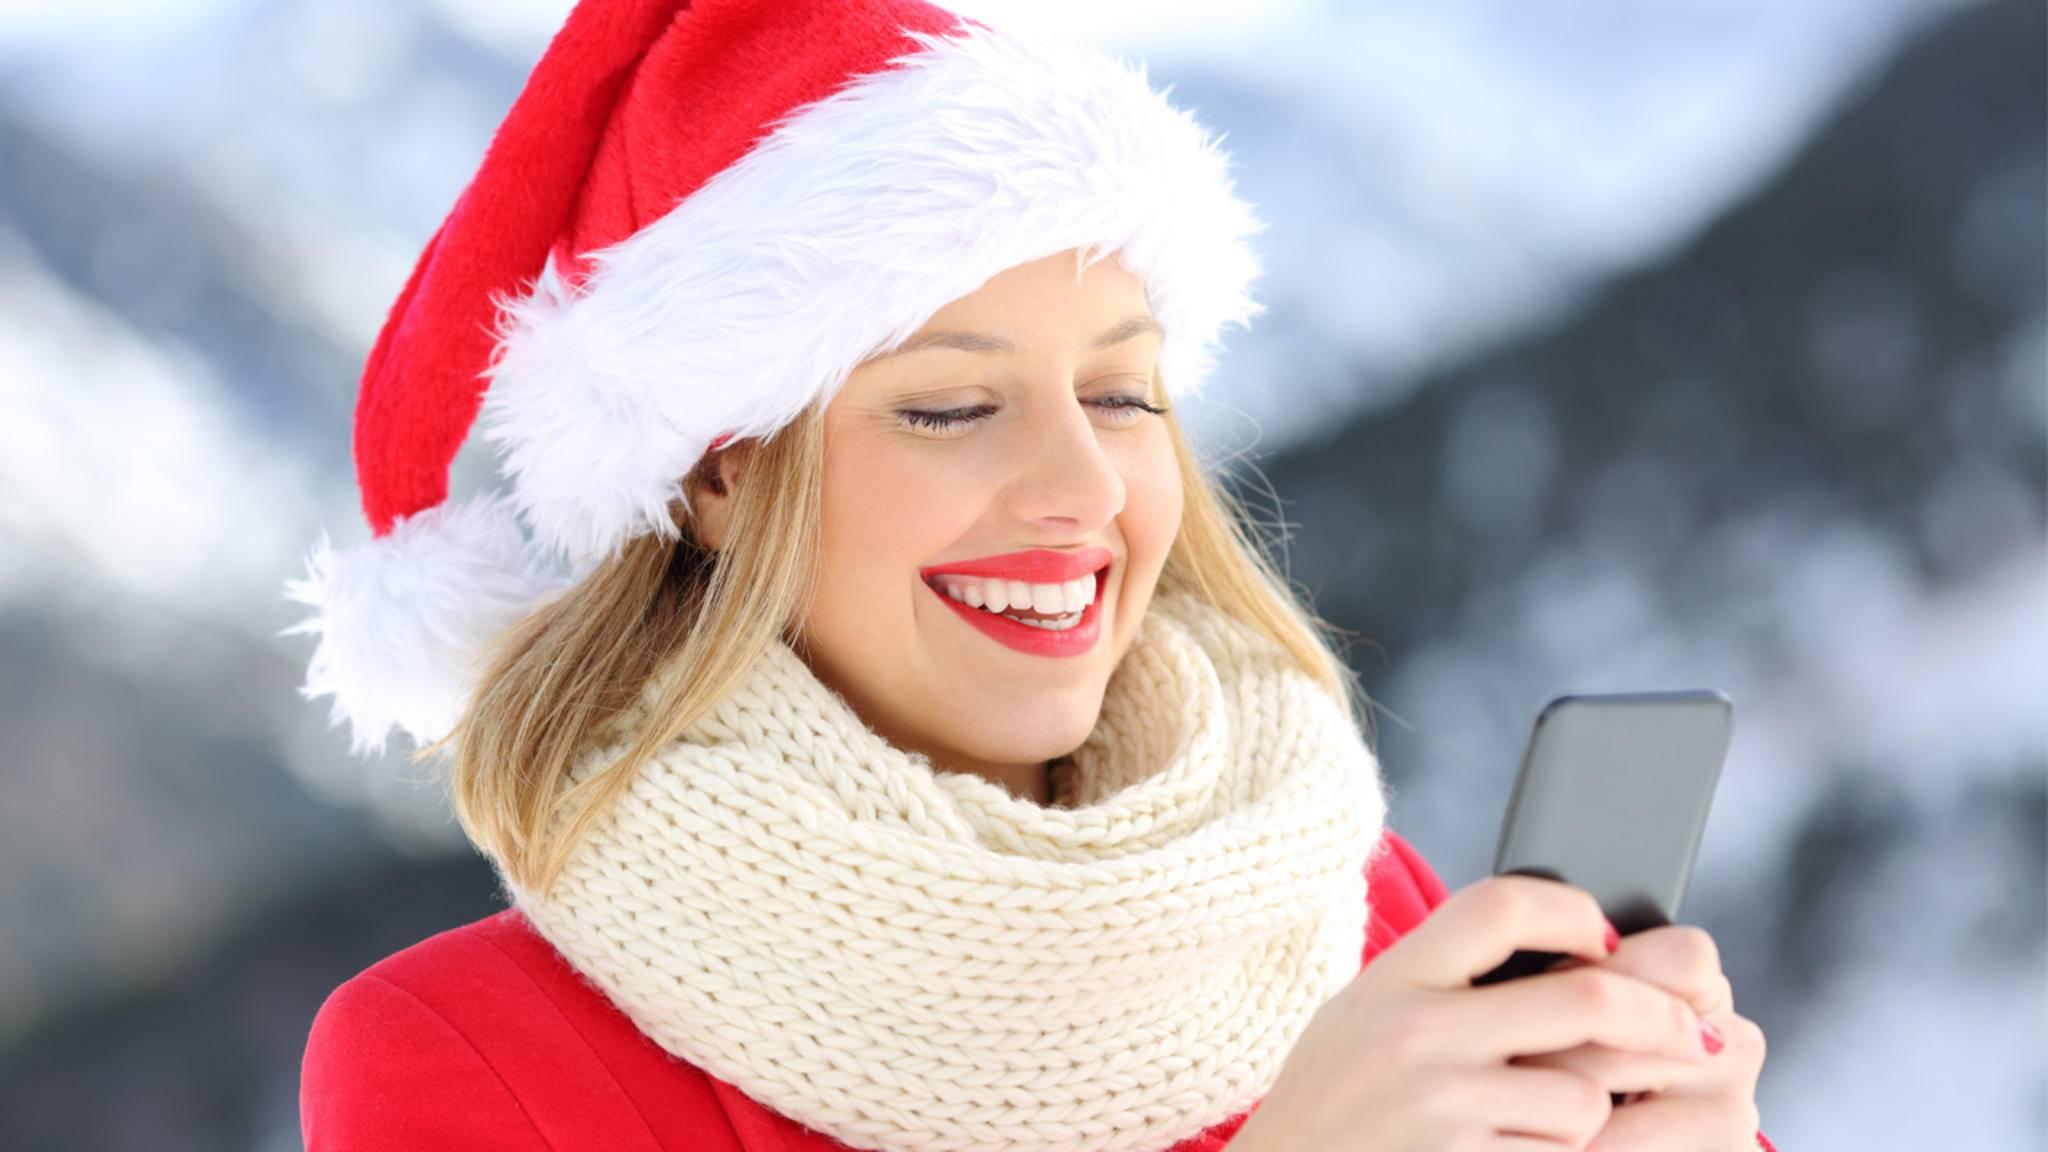 Mach Deinen Liebsten zu Weihnachten eine Freude – mit einem lieben Gruß per WhatsApp!